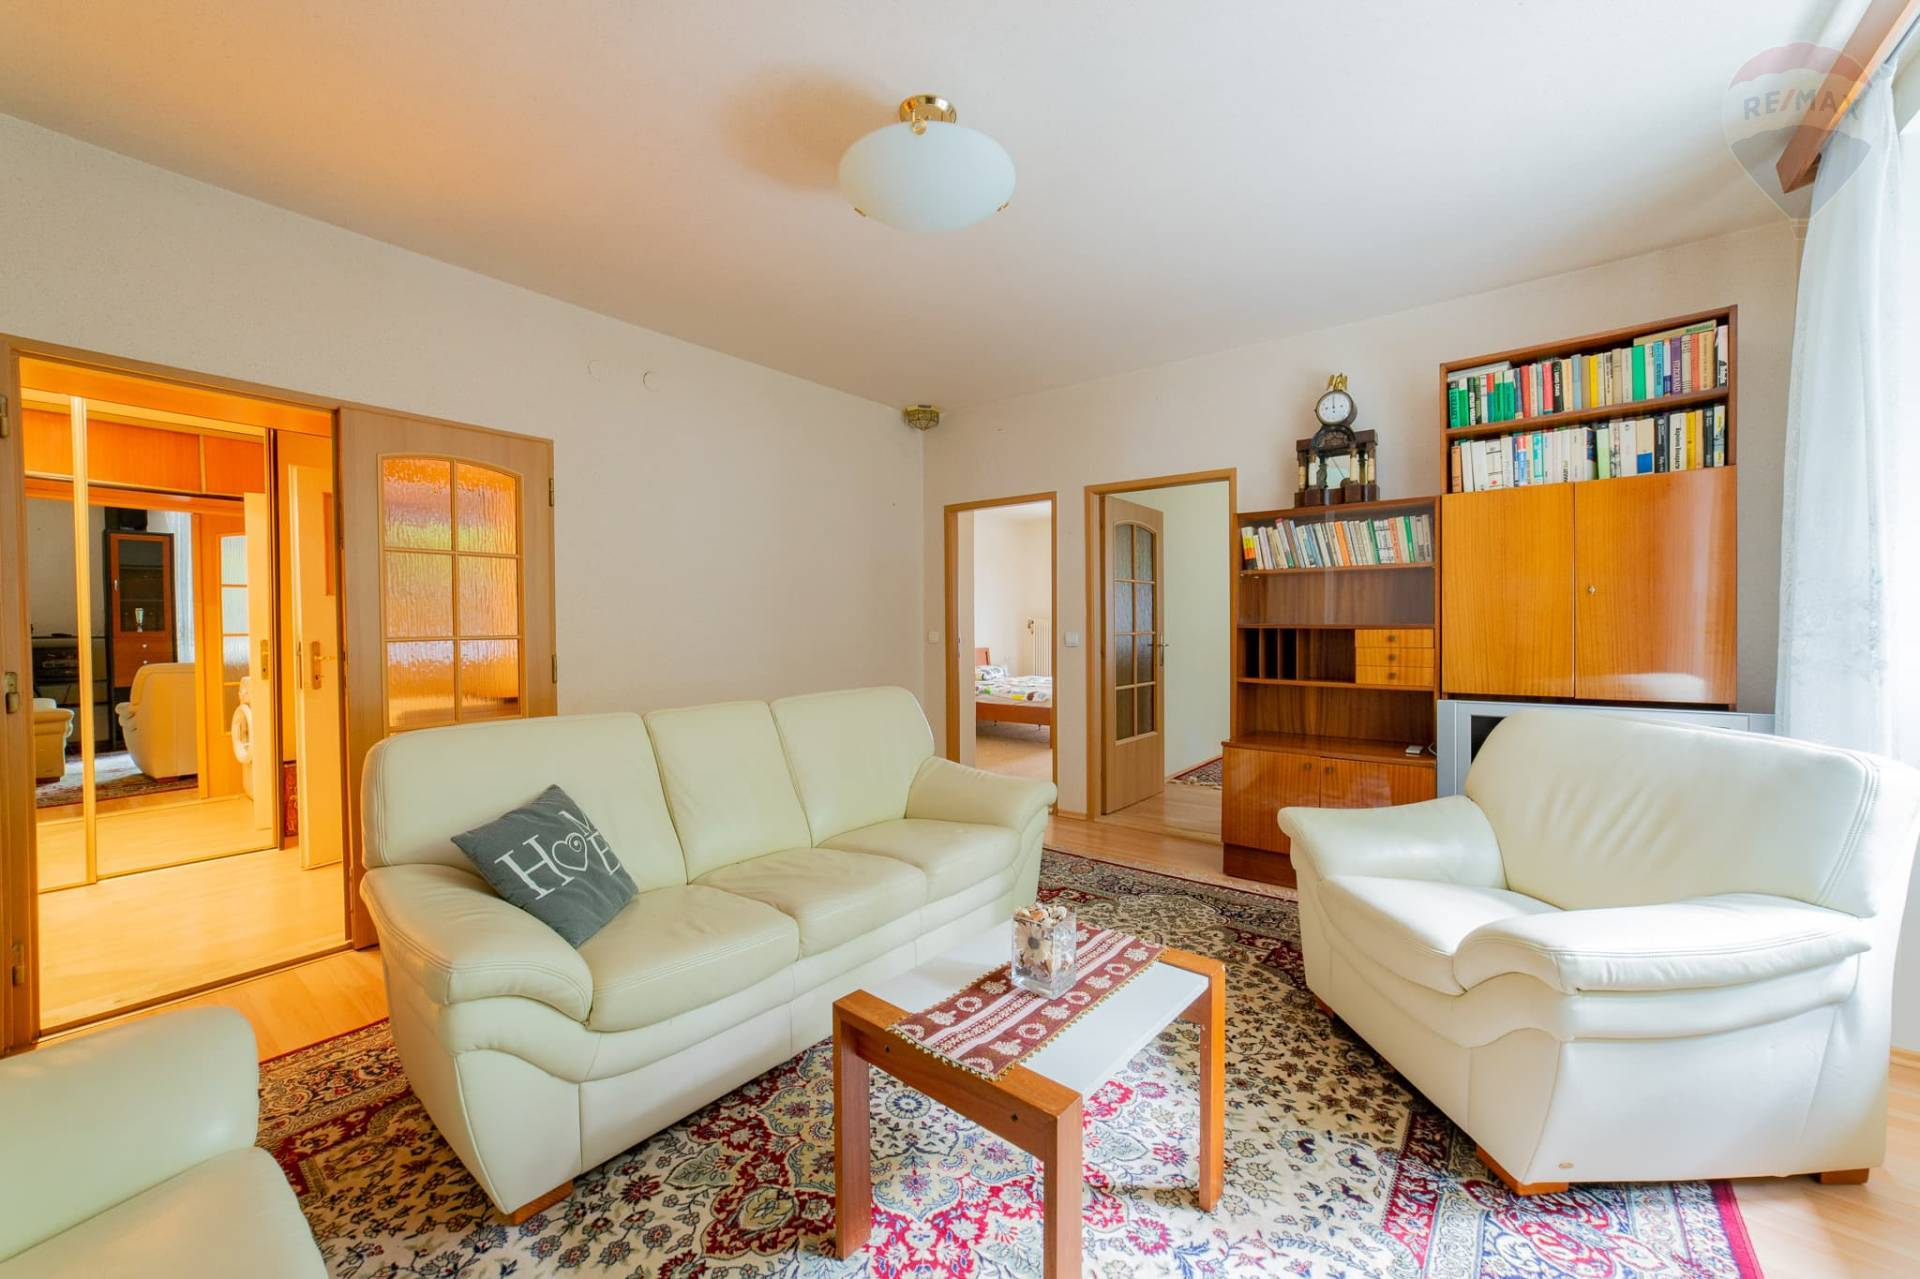 PRENÁJOM / BEZ PROVÍZIE >> 3-izbový zariadený byt pod Slavínom